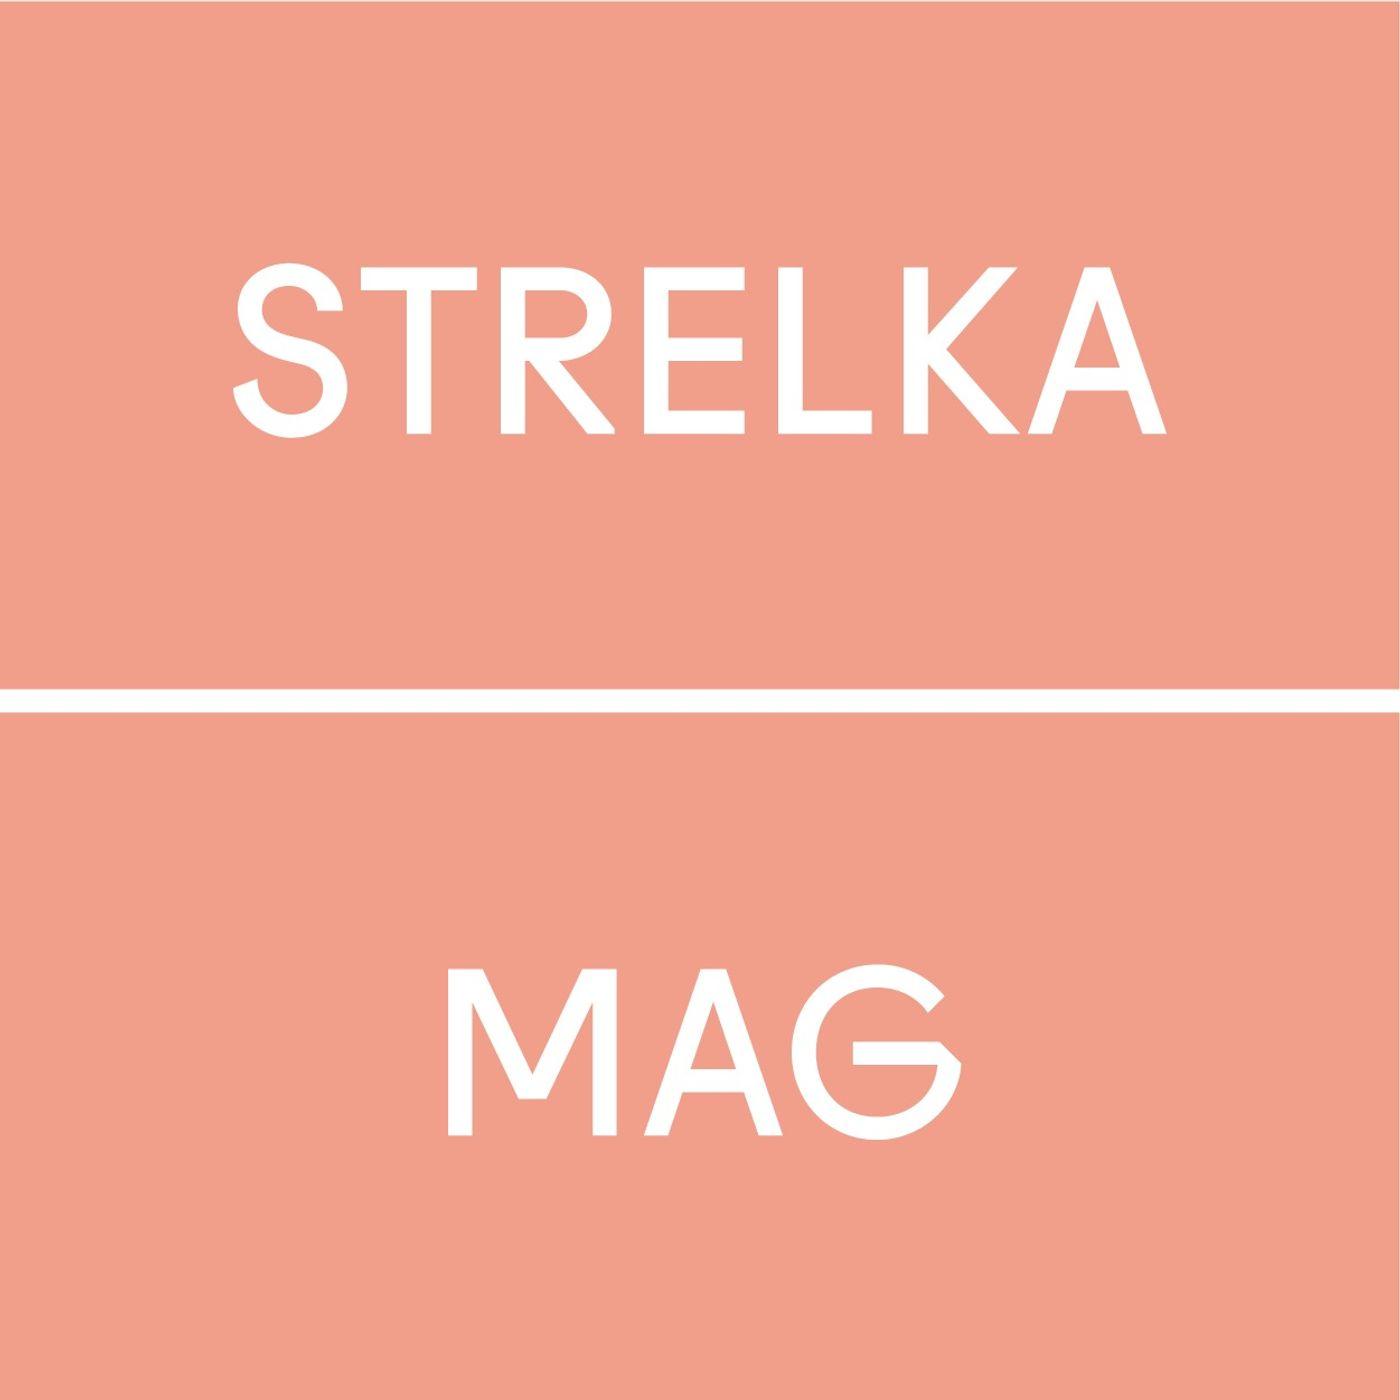 Путешествие из Москвы в Петербург на велосипедах. Владимир Кумов и Александра Чечёткина на Strelka Mag